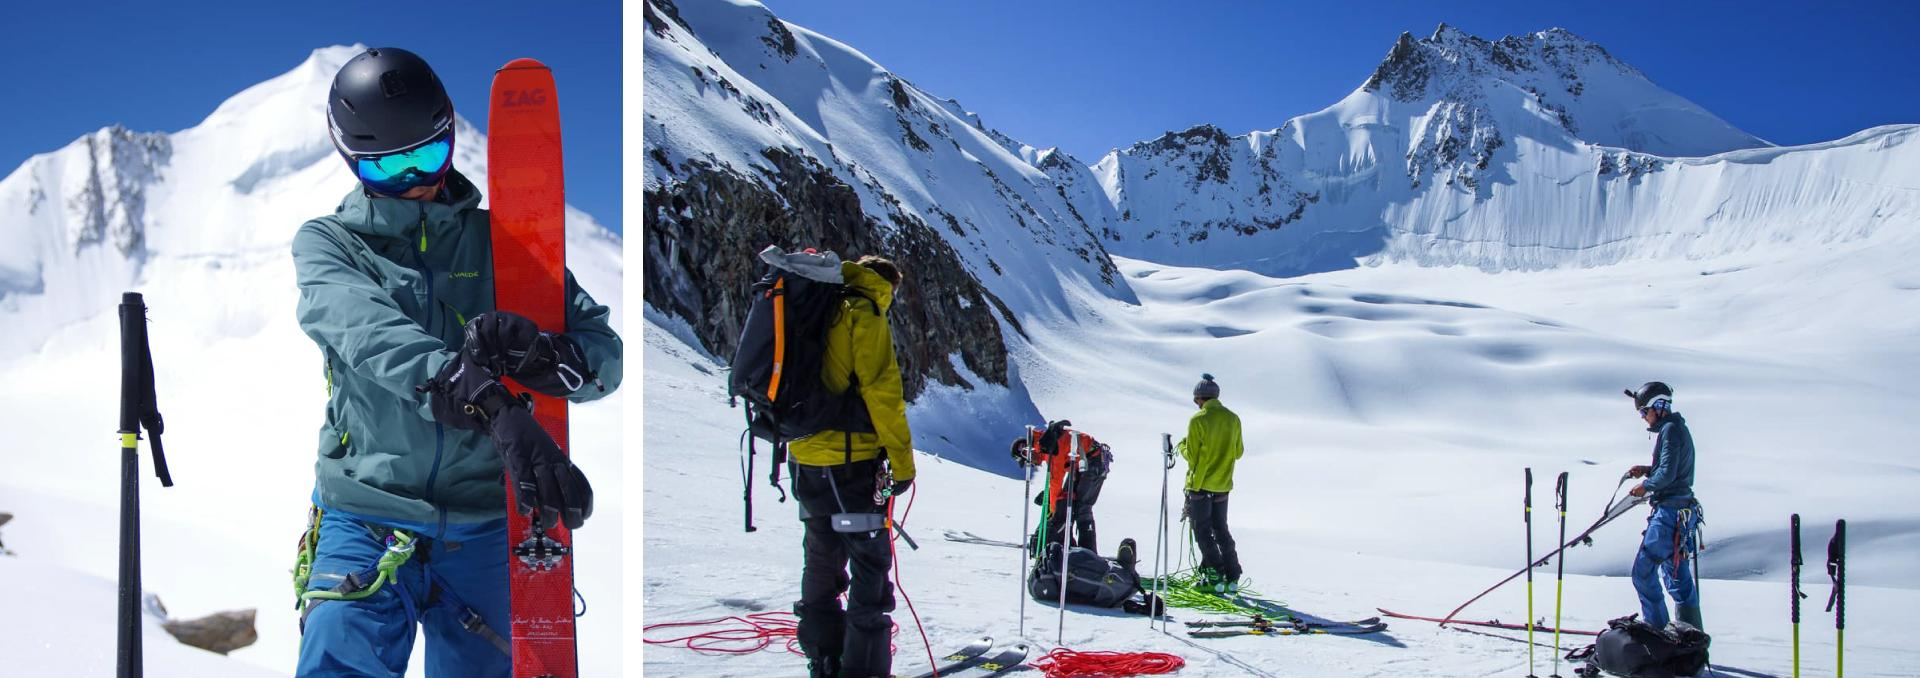 inde-tharang-ascension-ski.jpg